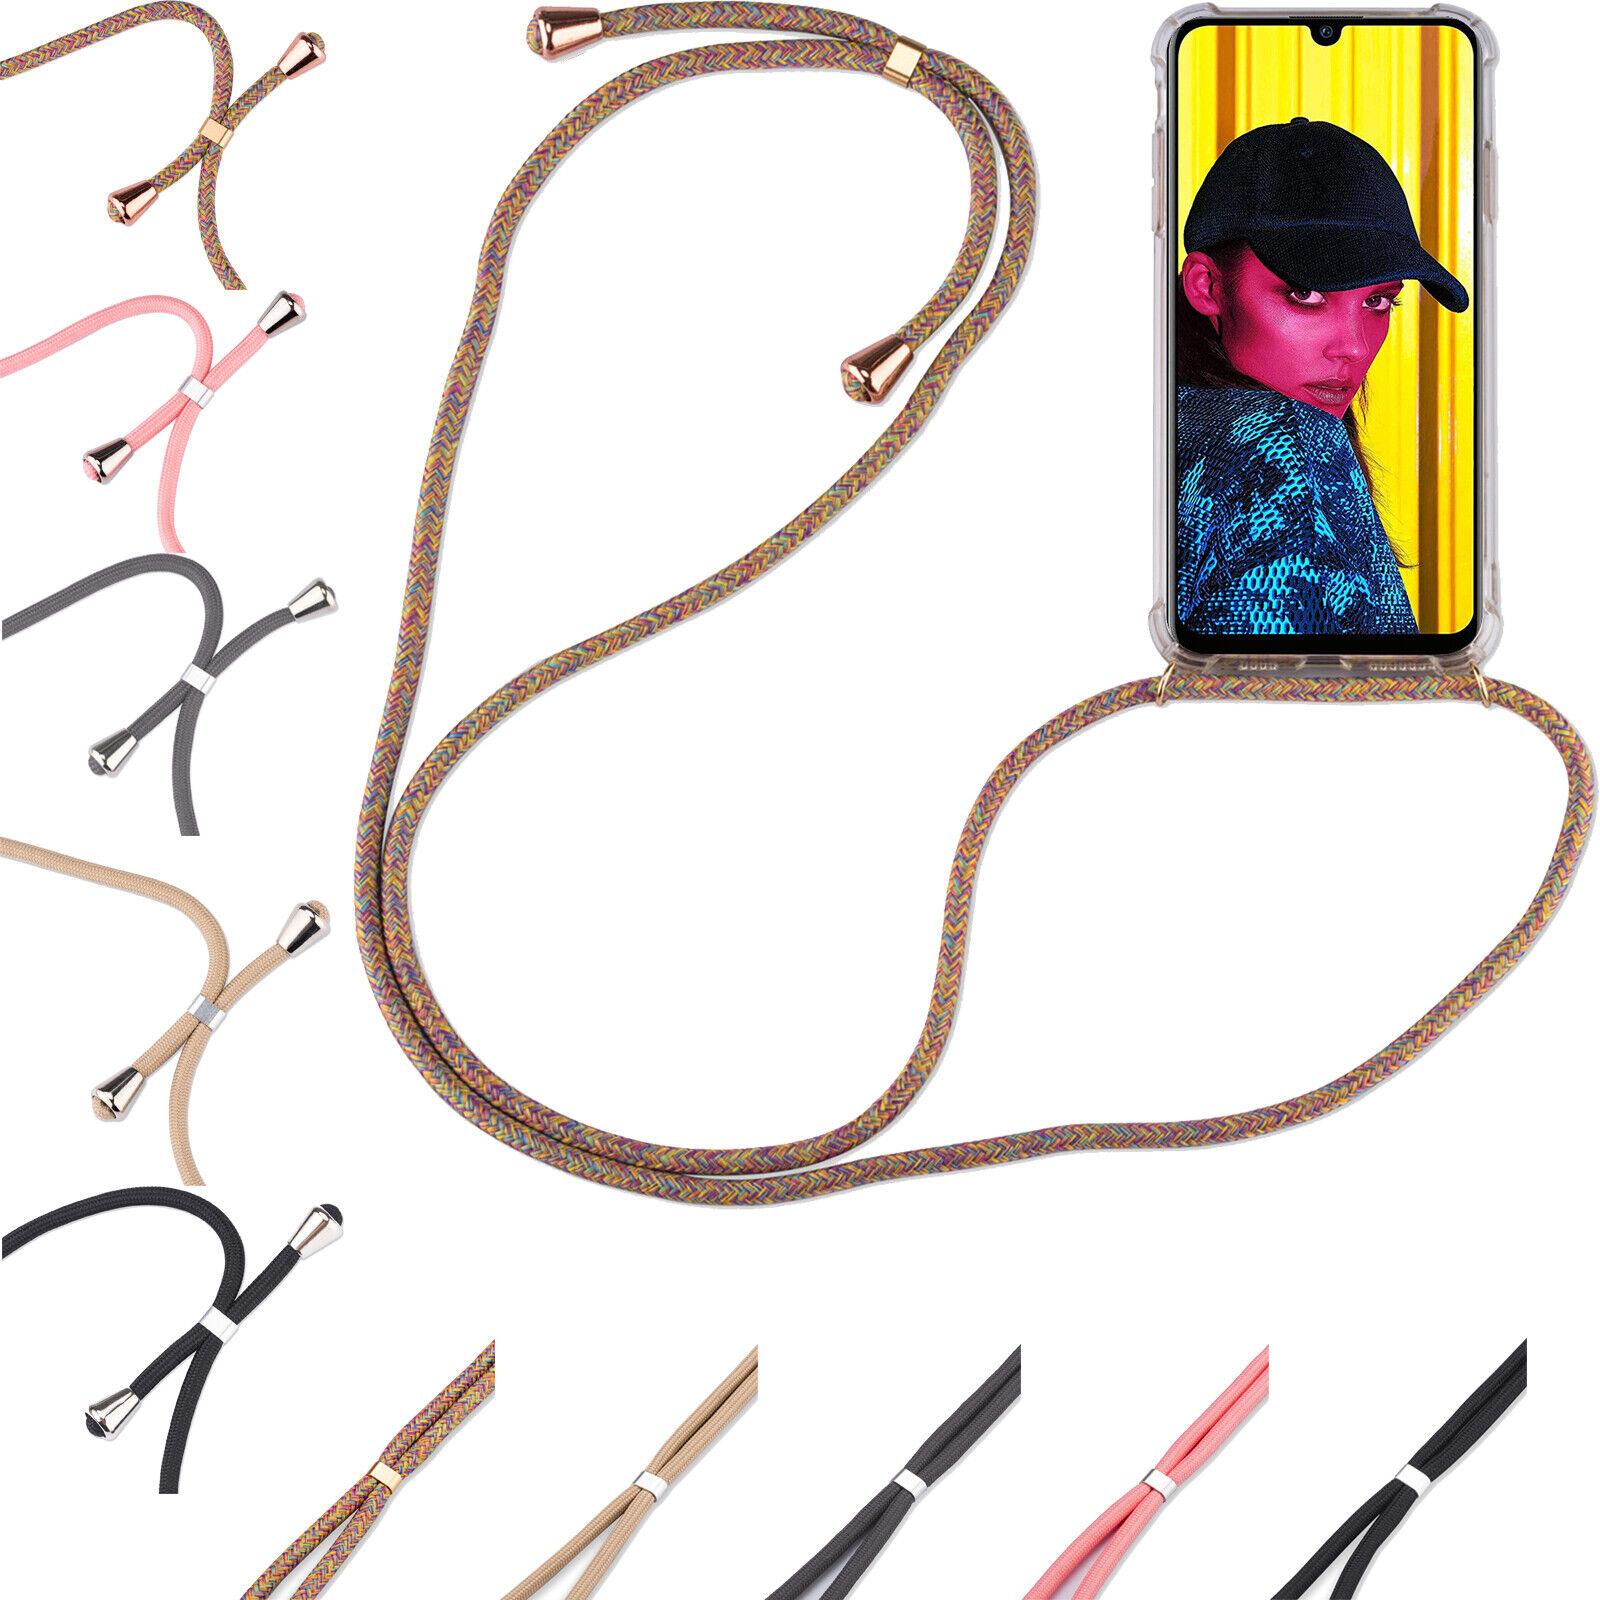 Handy Hülle mit Band Schutzhülle Handykette Seil Silikon Handy Tasche mit Schnur